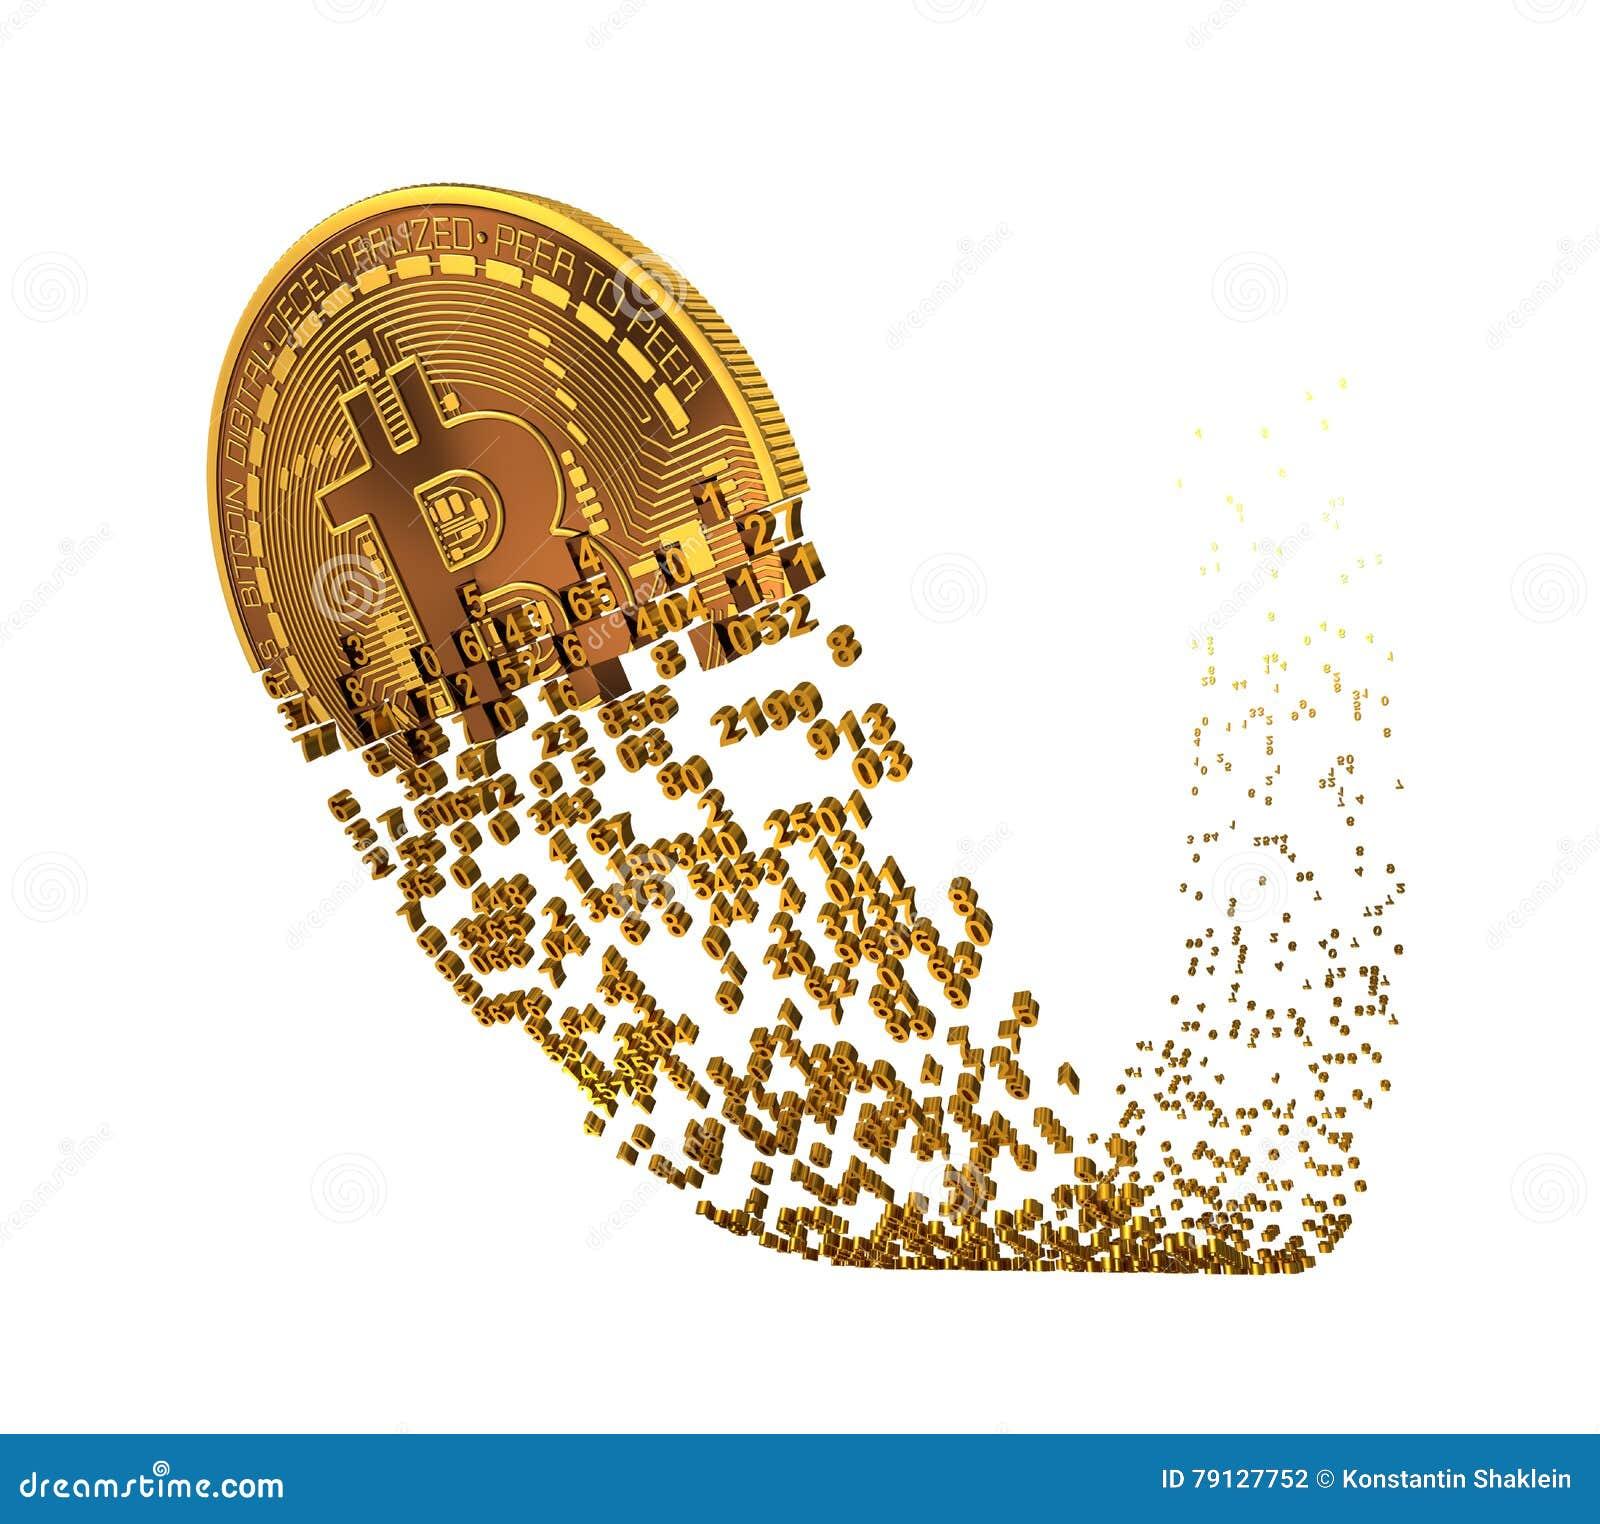 Το Bitcoin ανεβαίνει μετά από μια πτώση και την κατάρρευση στα ψηφία